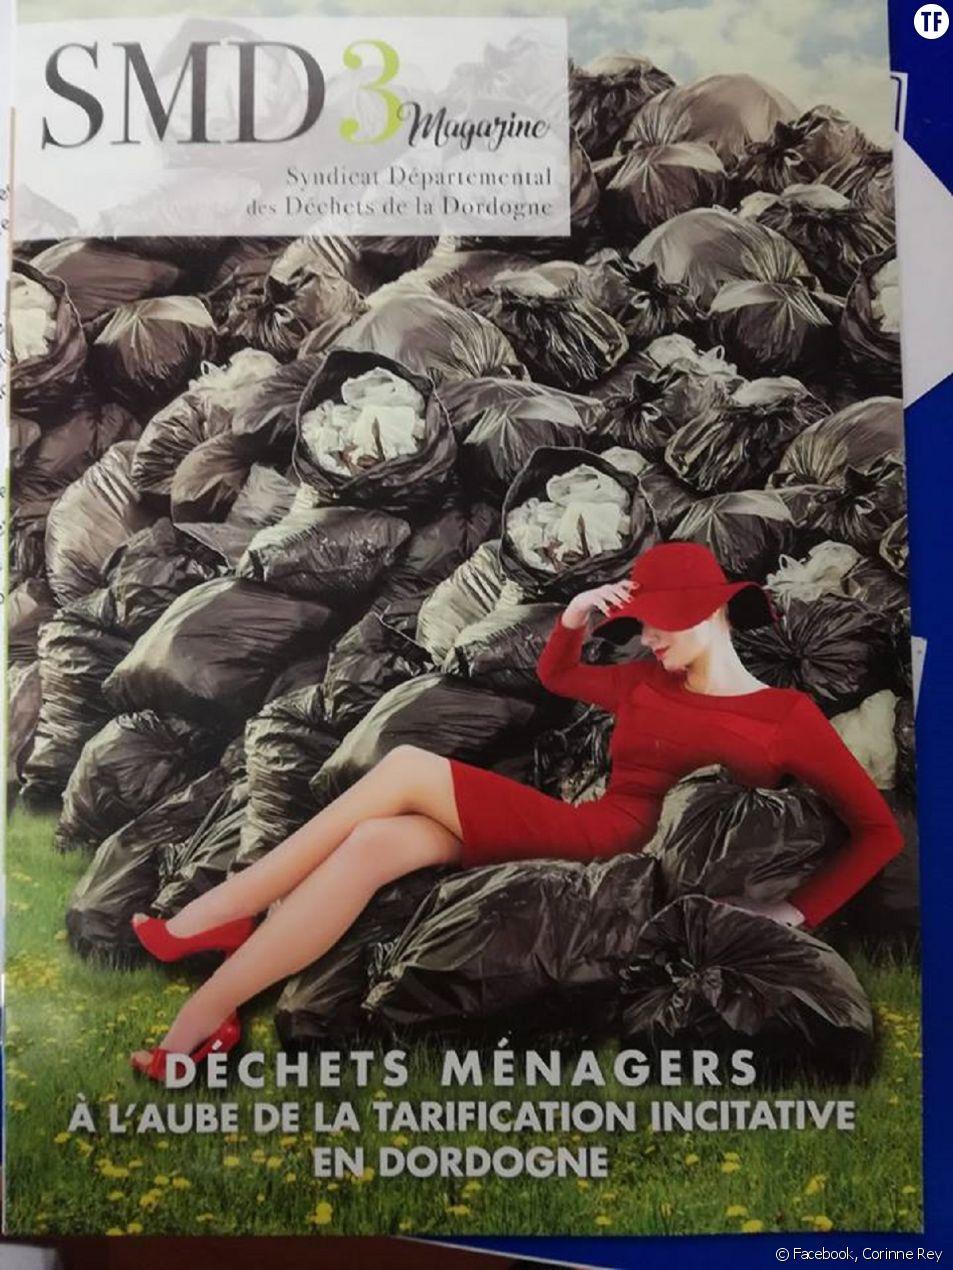 La photo sexiste de couverture de la brochure du SMD3 en Dordogne dénoncée par Femmes Solidaires